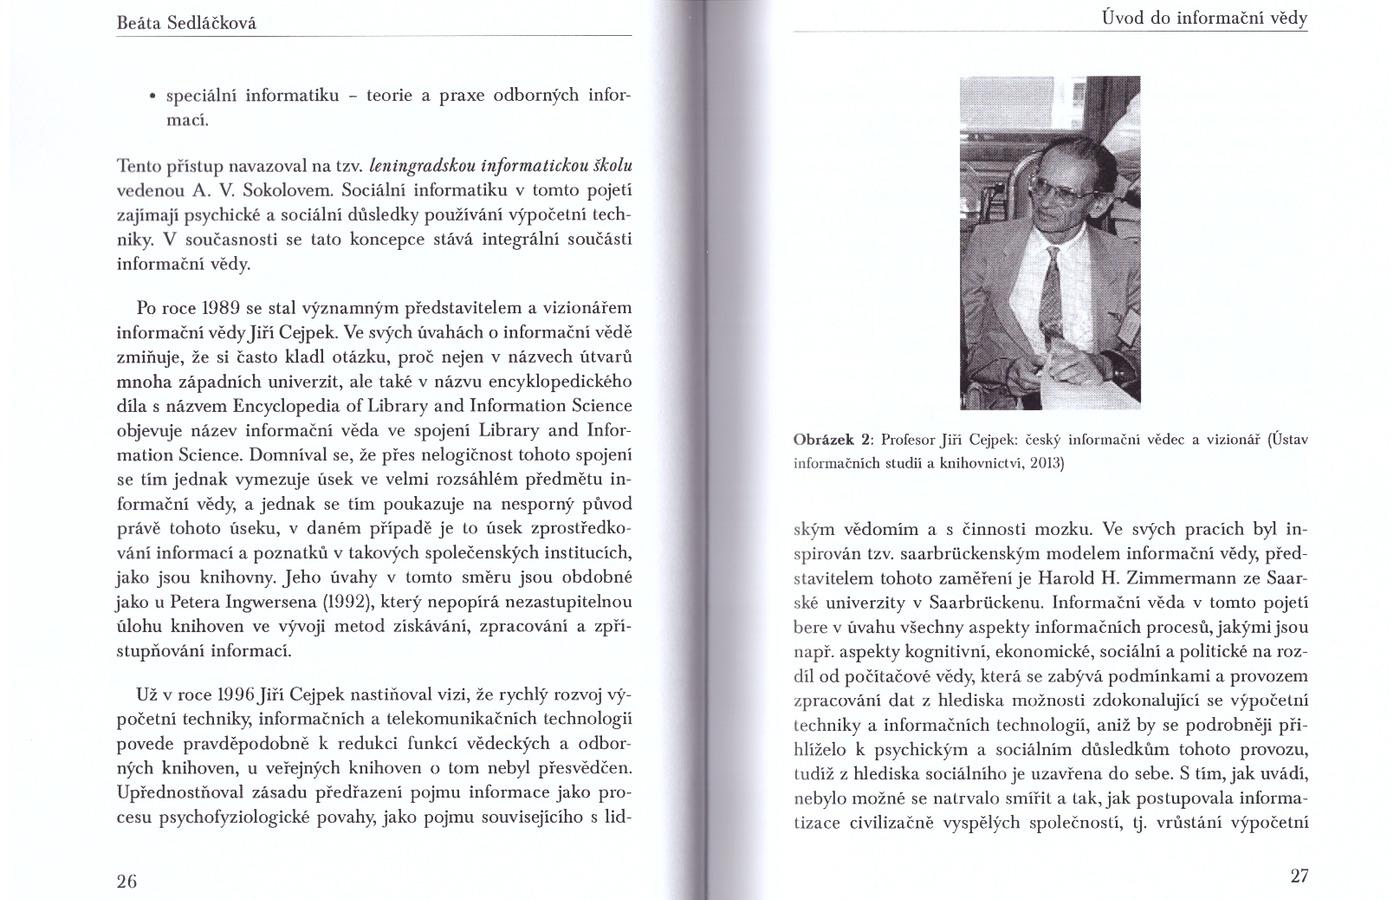 Kniha Úvod do informační vědy